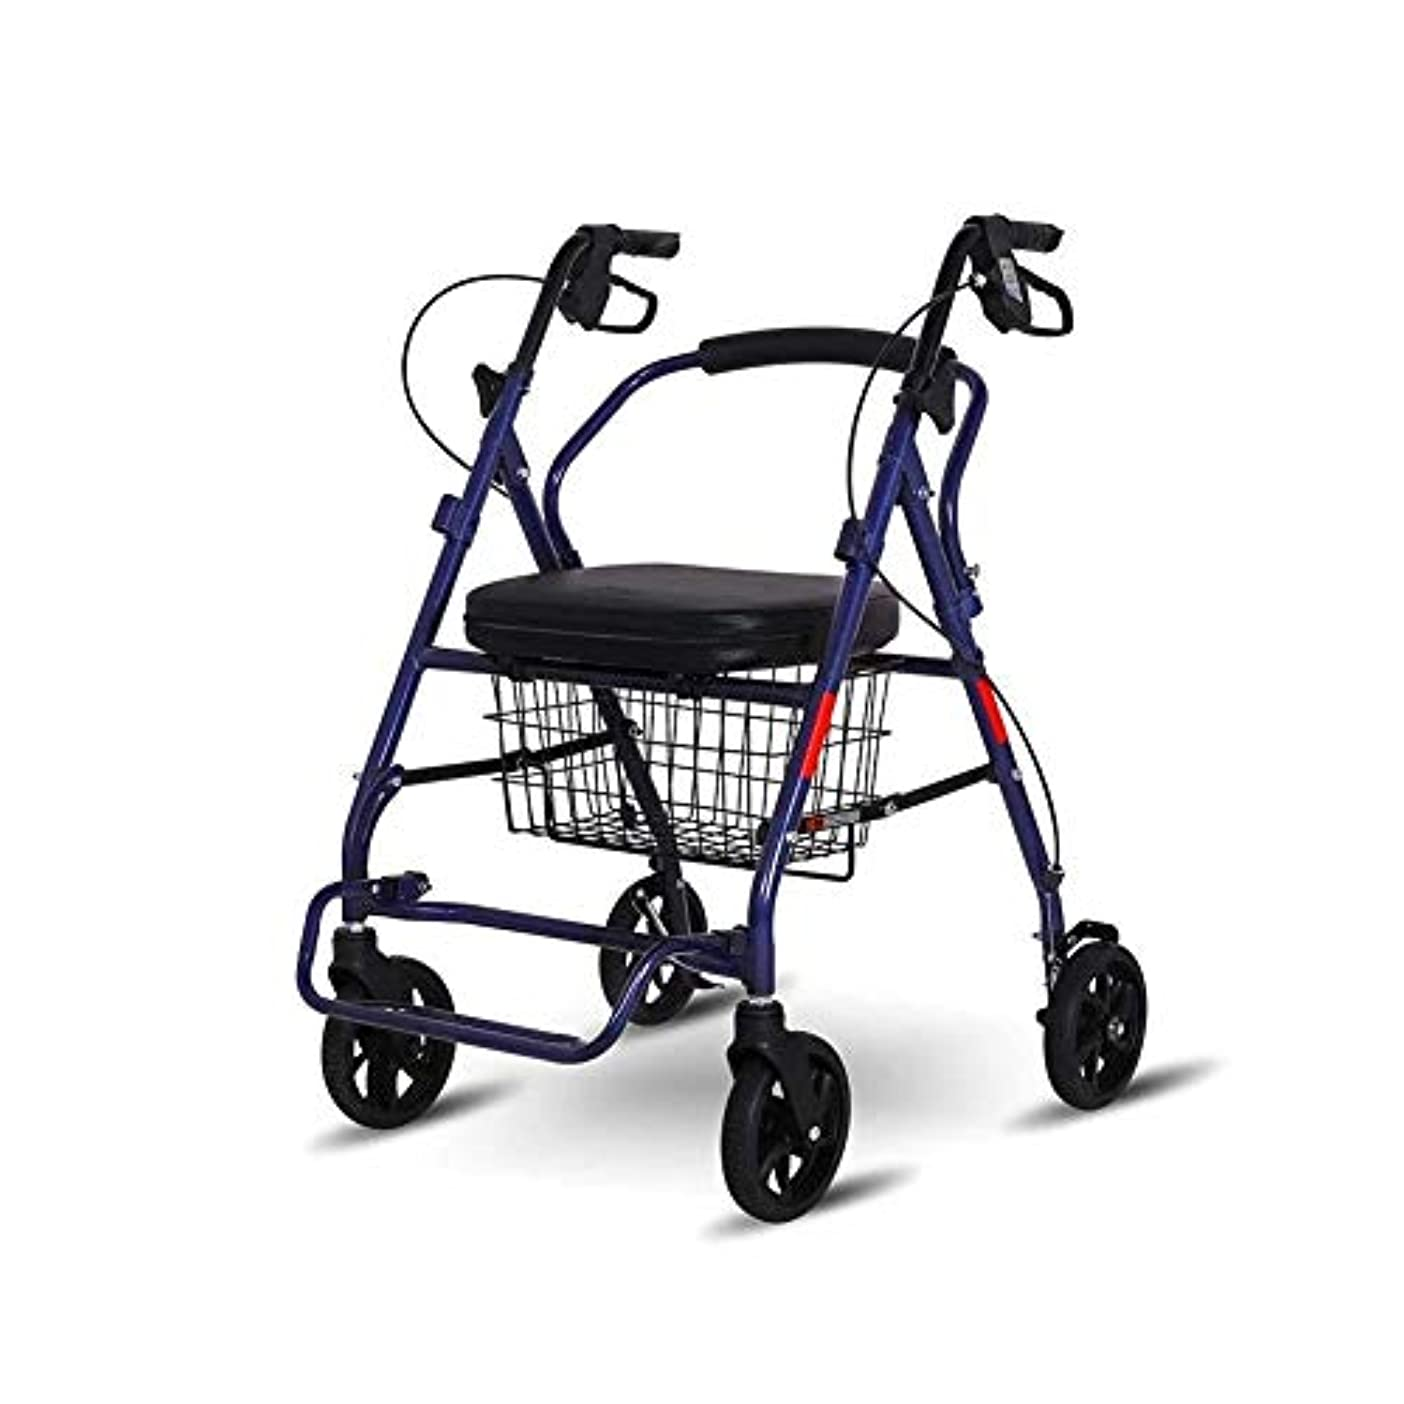 アレルギー性シエスタ製作折りたたみ式歩行歩行器、パッド入りシート&背もたれ、ロック可能なブレーキ、フットレスト、歩行補助